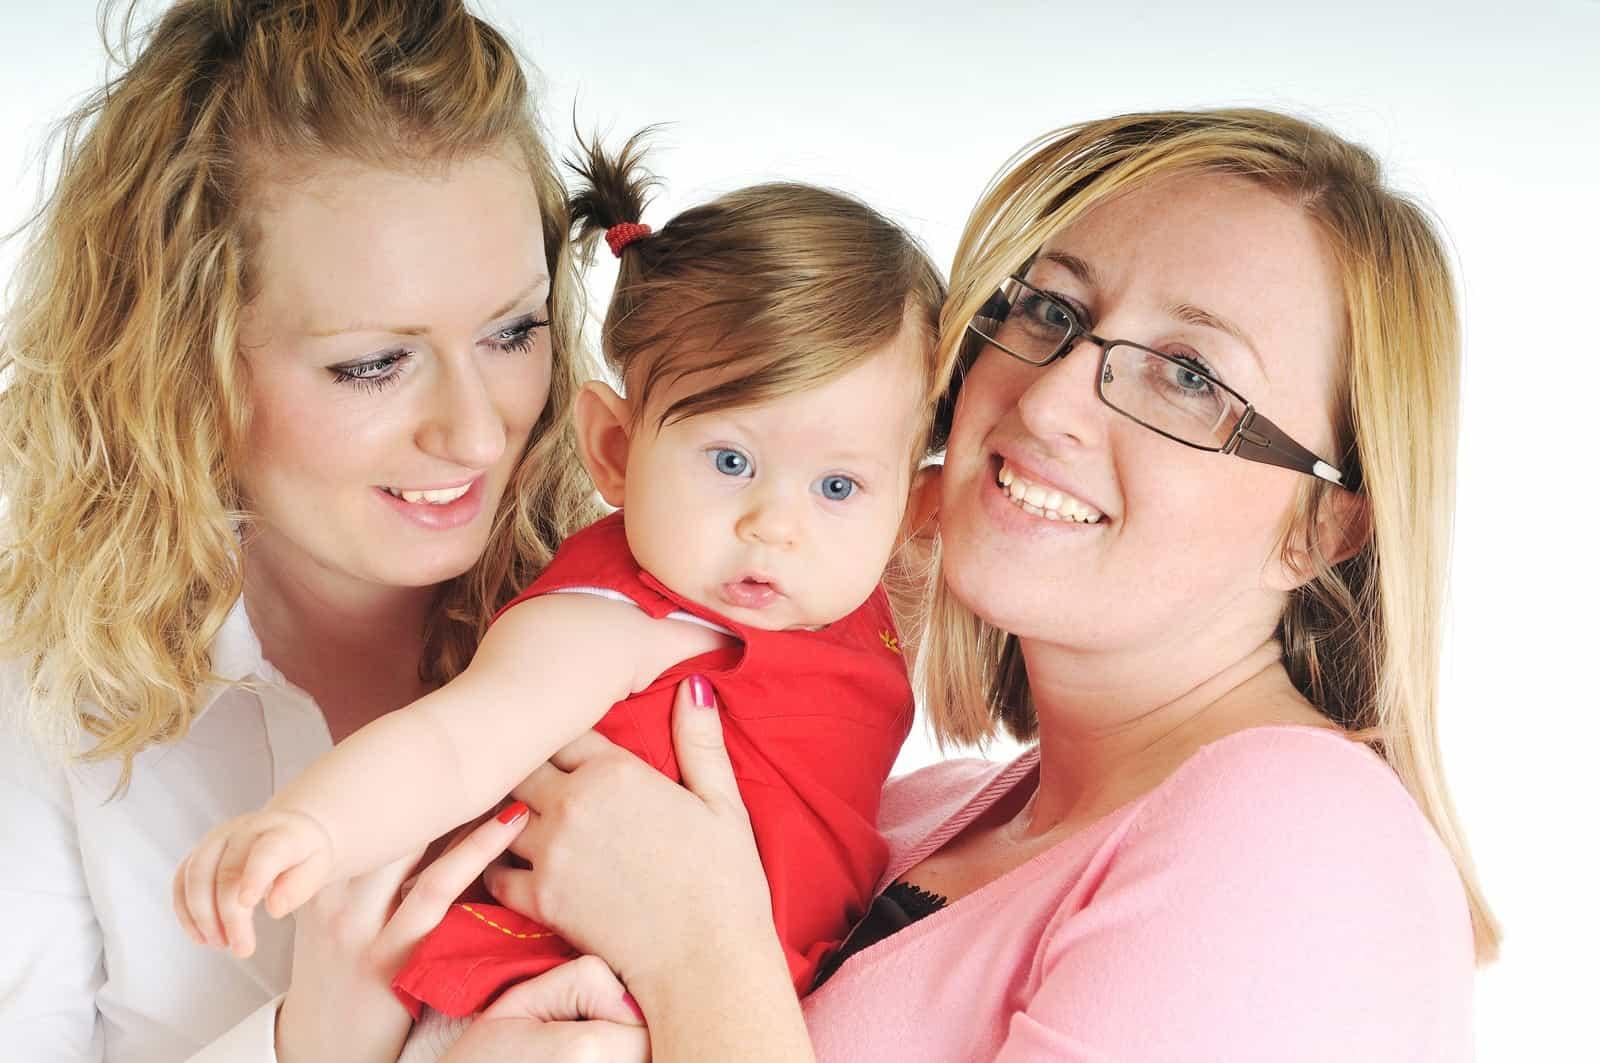 порно фото мамы и дочери № 226230 бесплатно